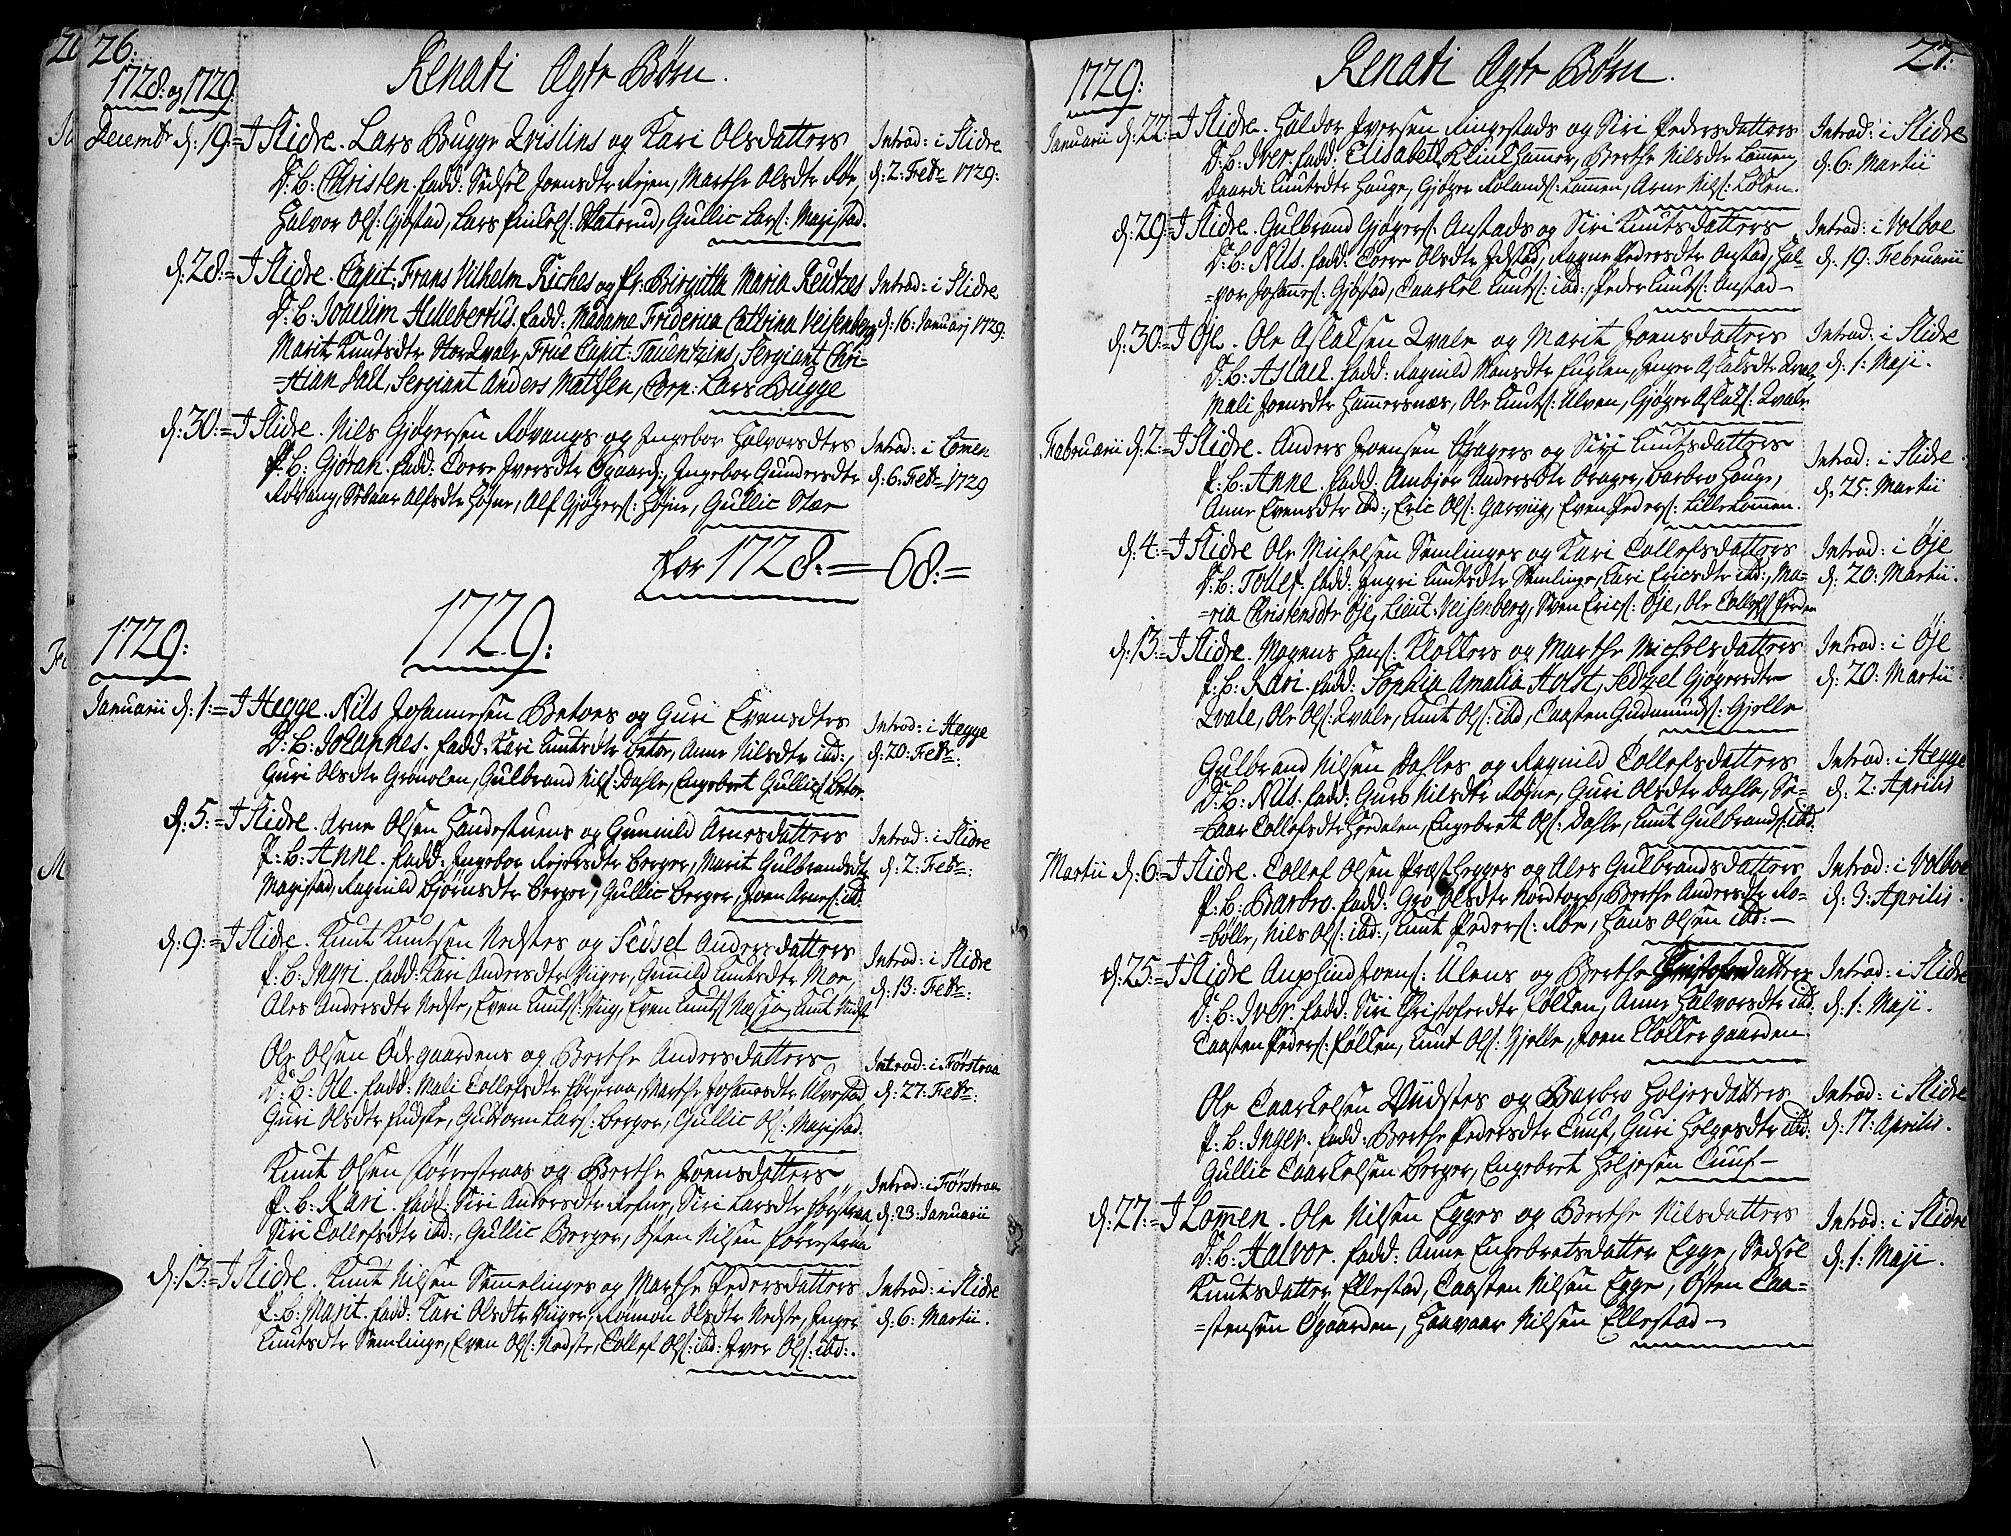 SAH, Slidre prestekontor, Ministerialbok nr. 1, 1724-1814, s. 26-27